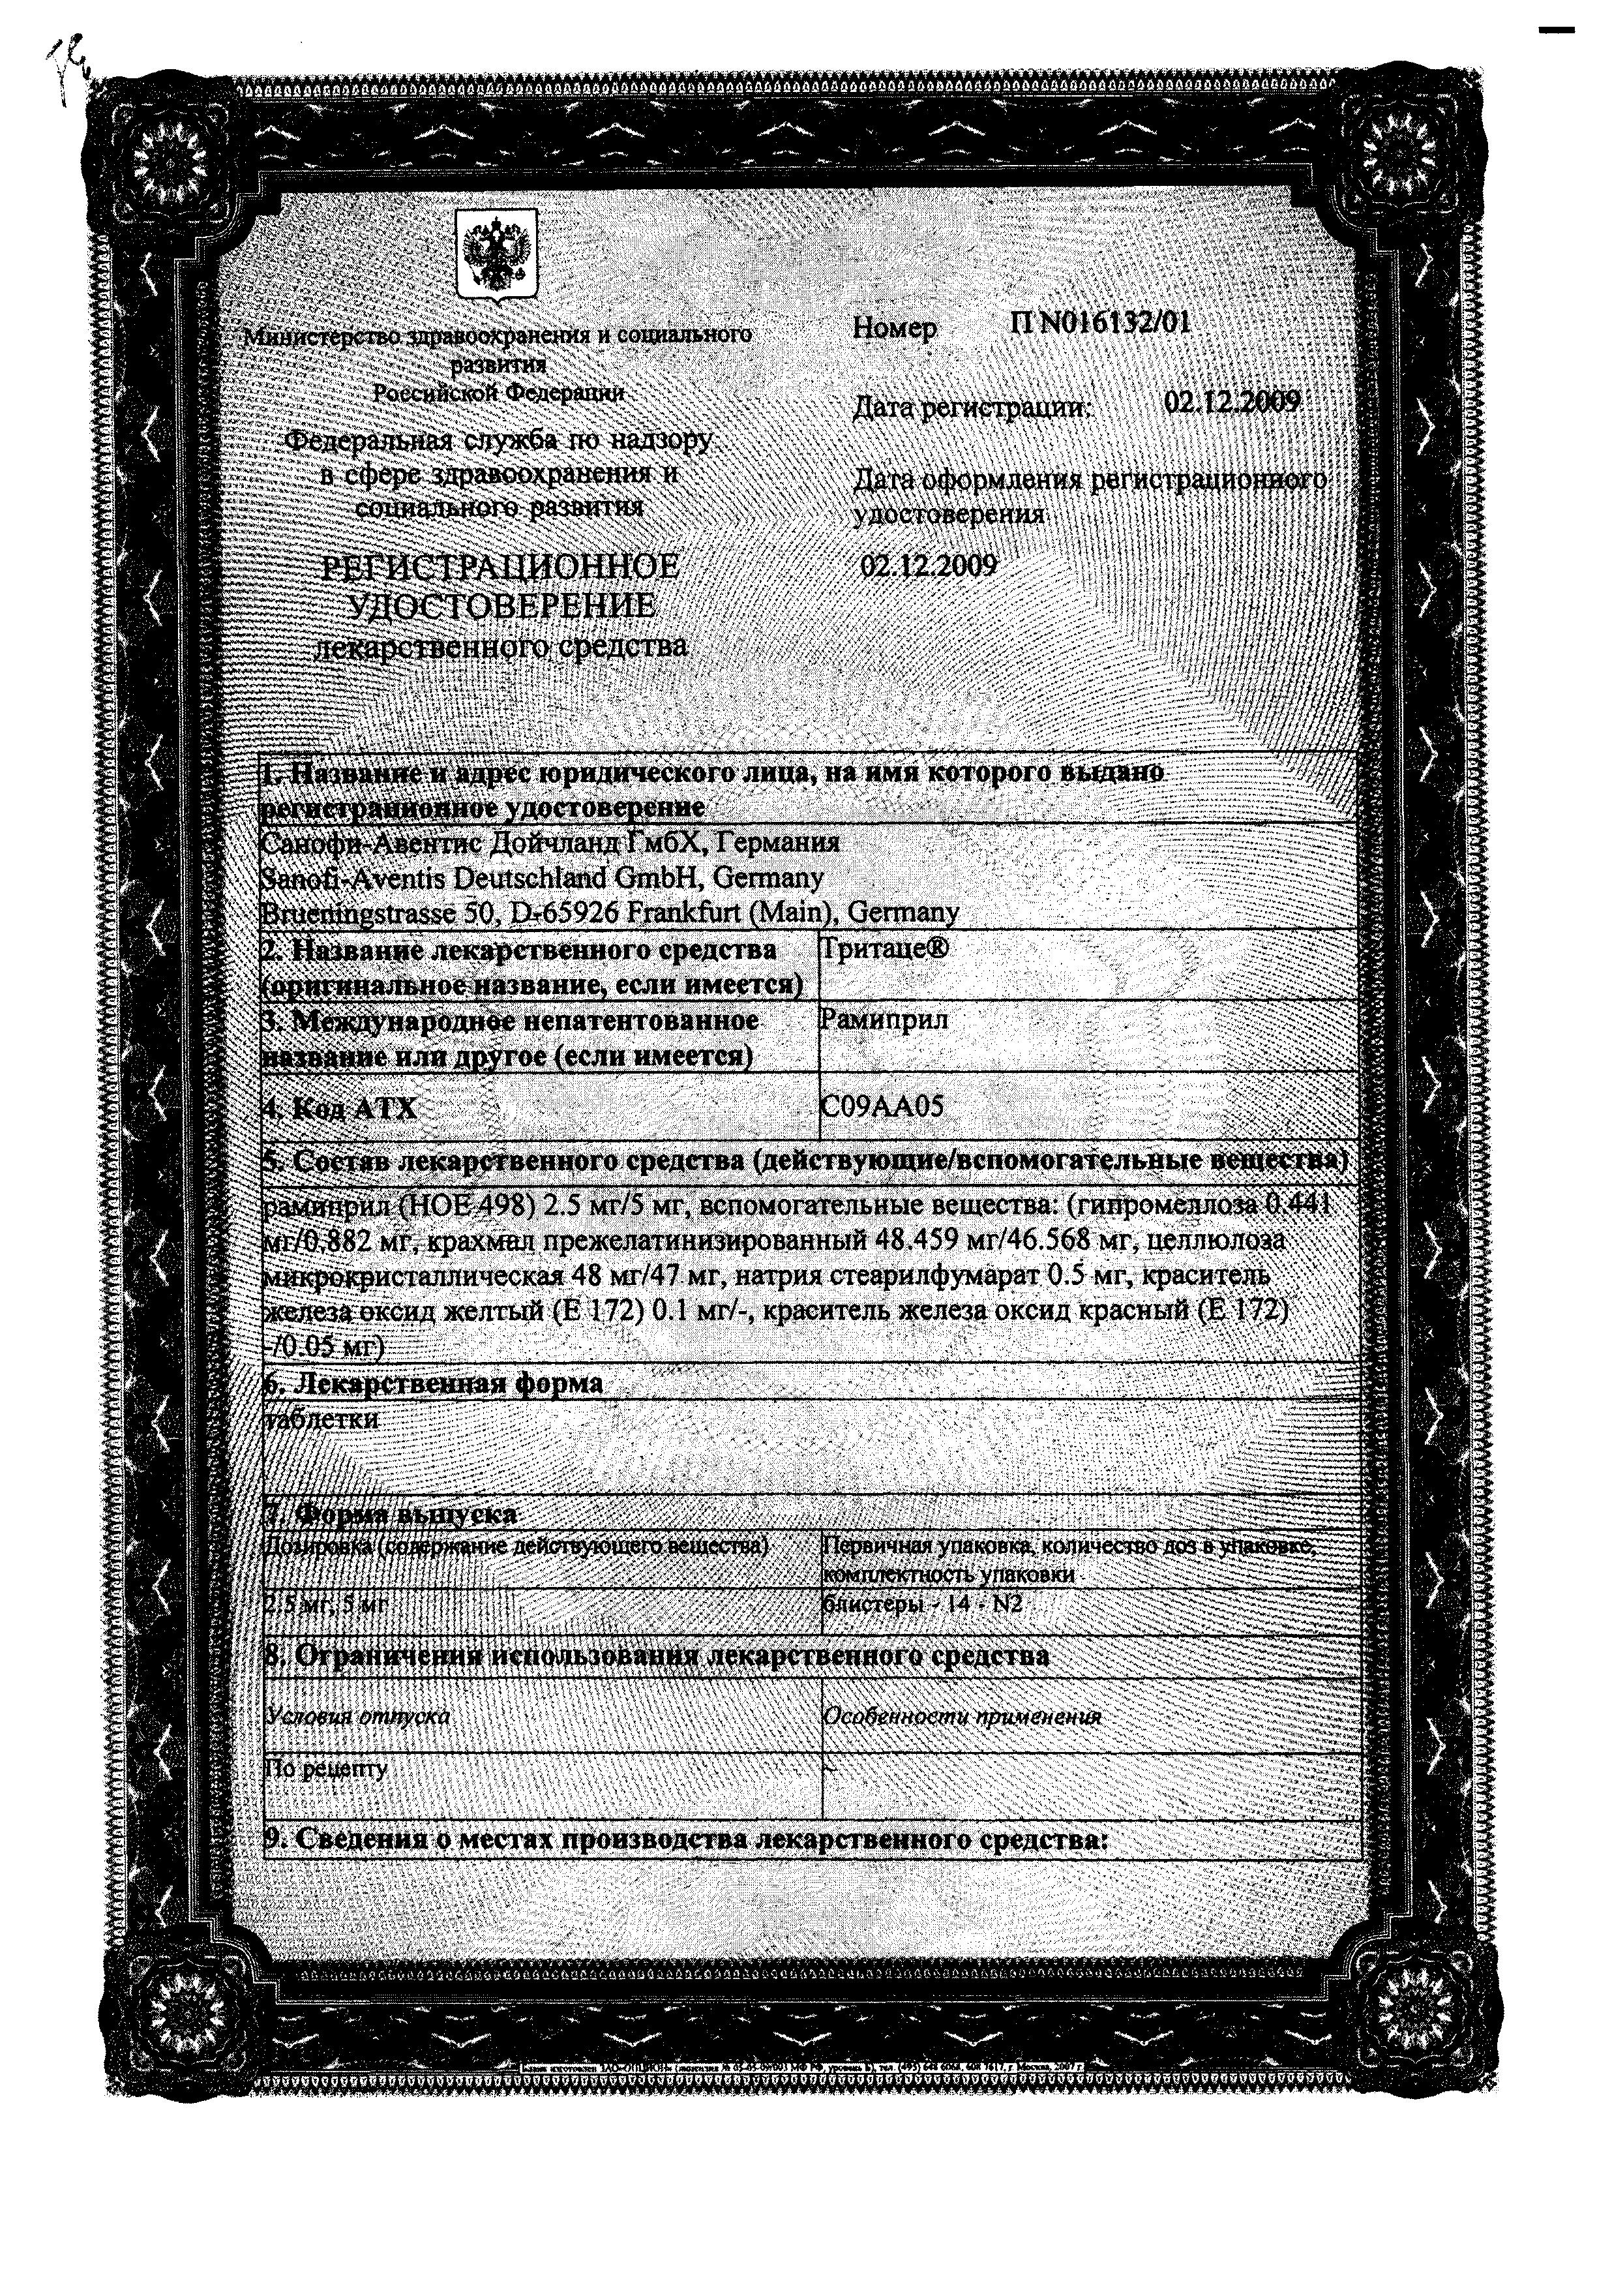 Тритаце сертификат